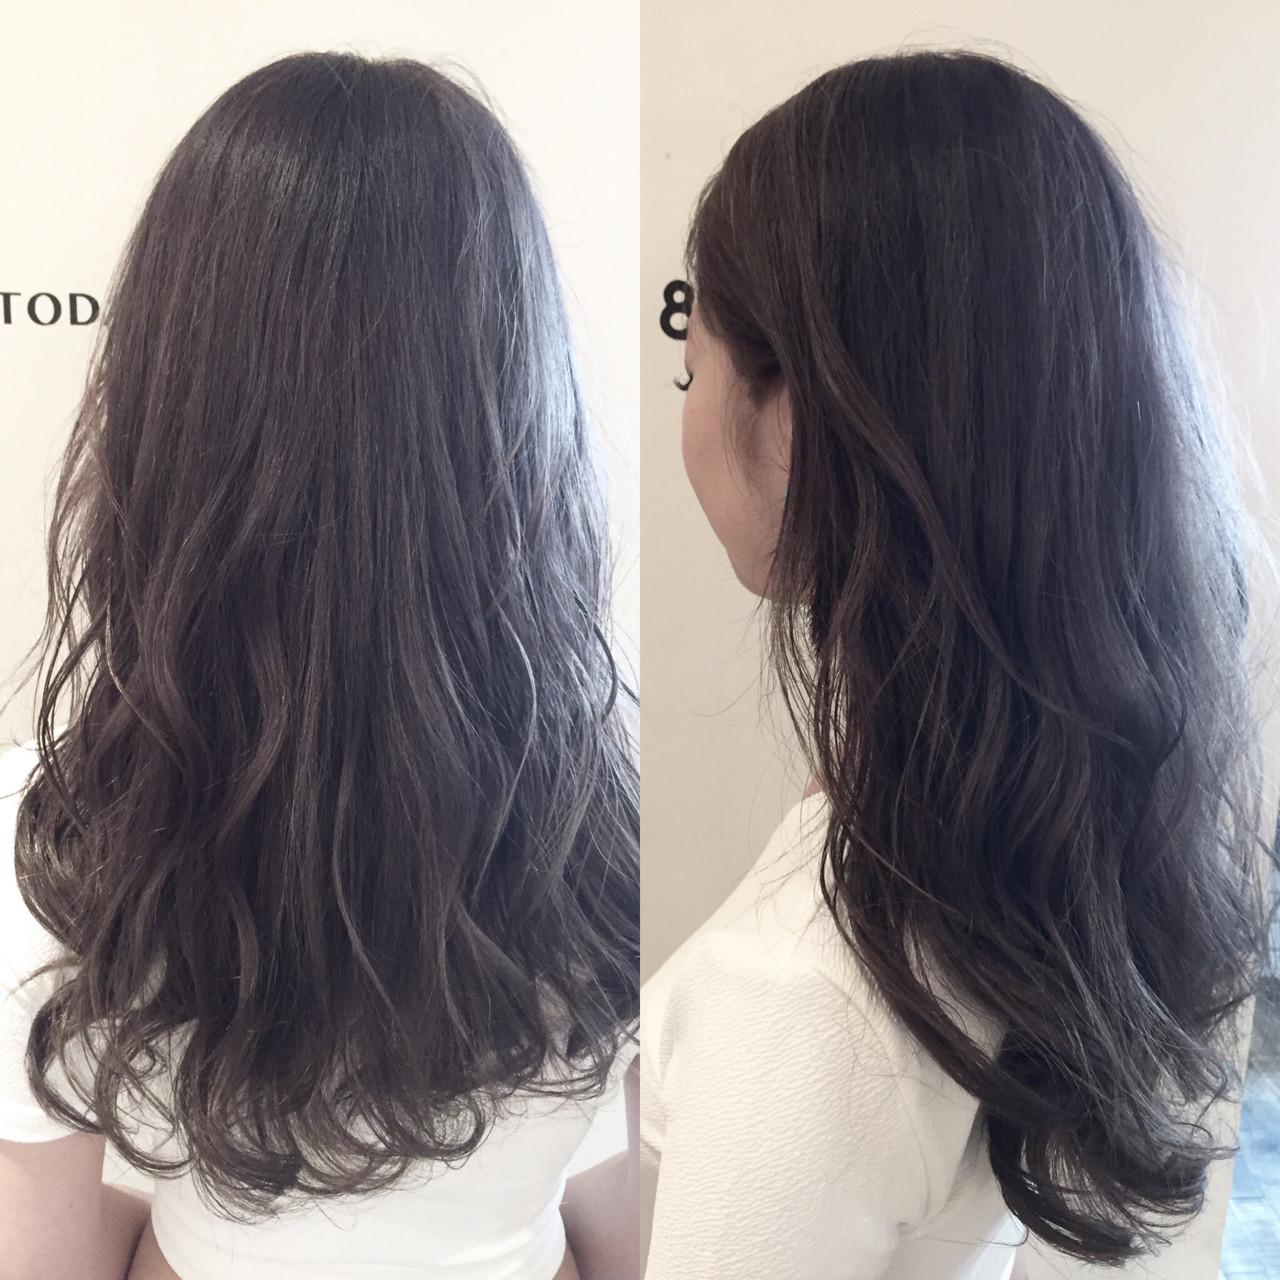 ロング ラベンダーアッシュ 外国人風 グレー ヘアスタイルや髪型の写真・画像 | ナベ / EIGHT hair salon